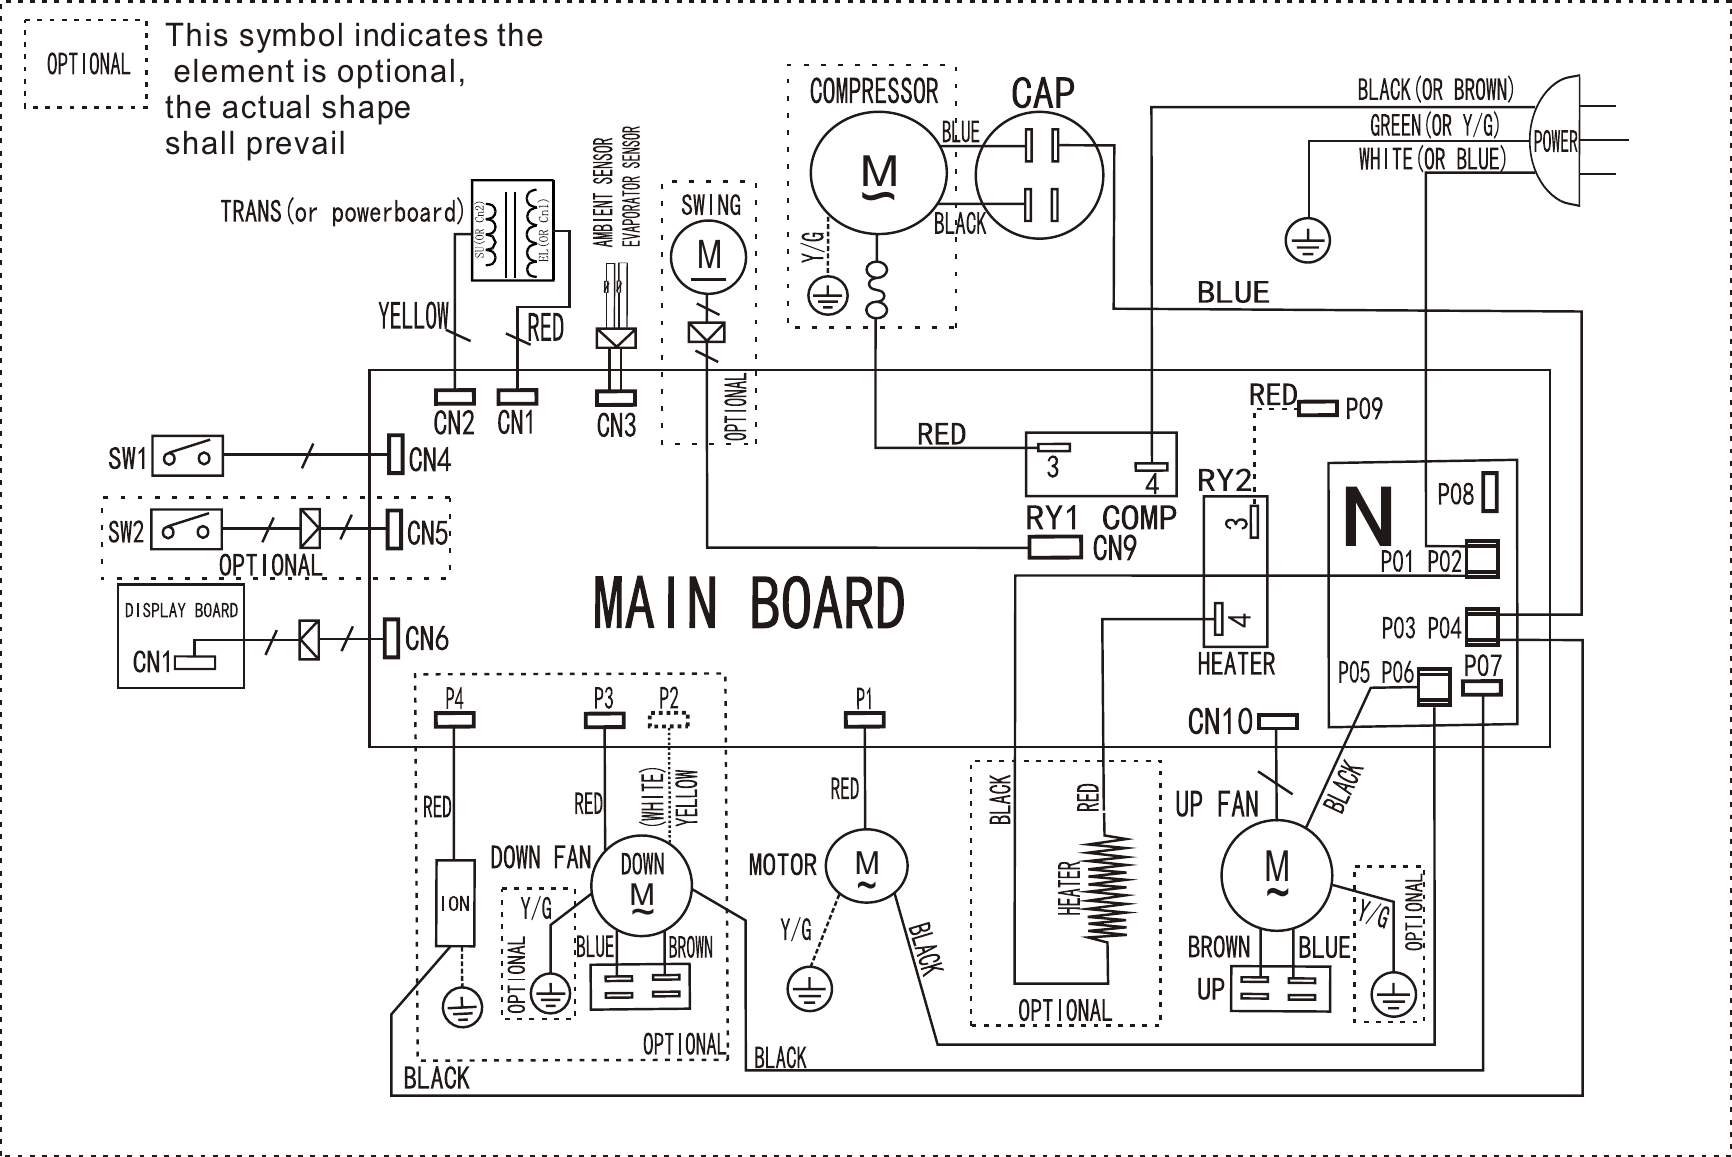 frigidaire fra053pu1 wiring diagram us kc15y1$n1 s(h9h) d 06 mp 1 Whirlpool Wiring Schematics